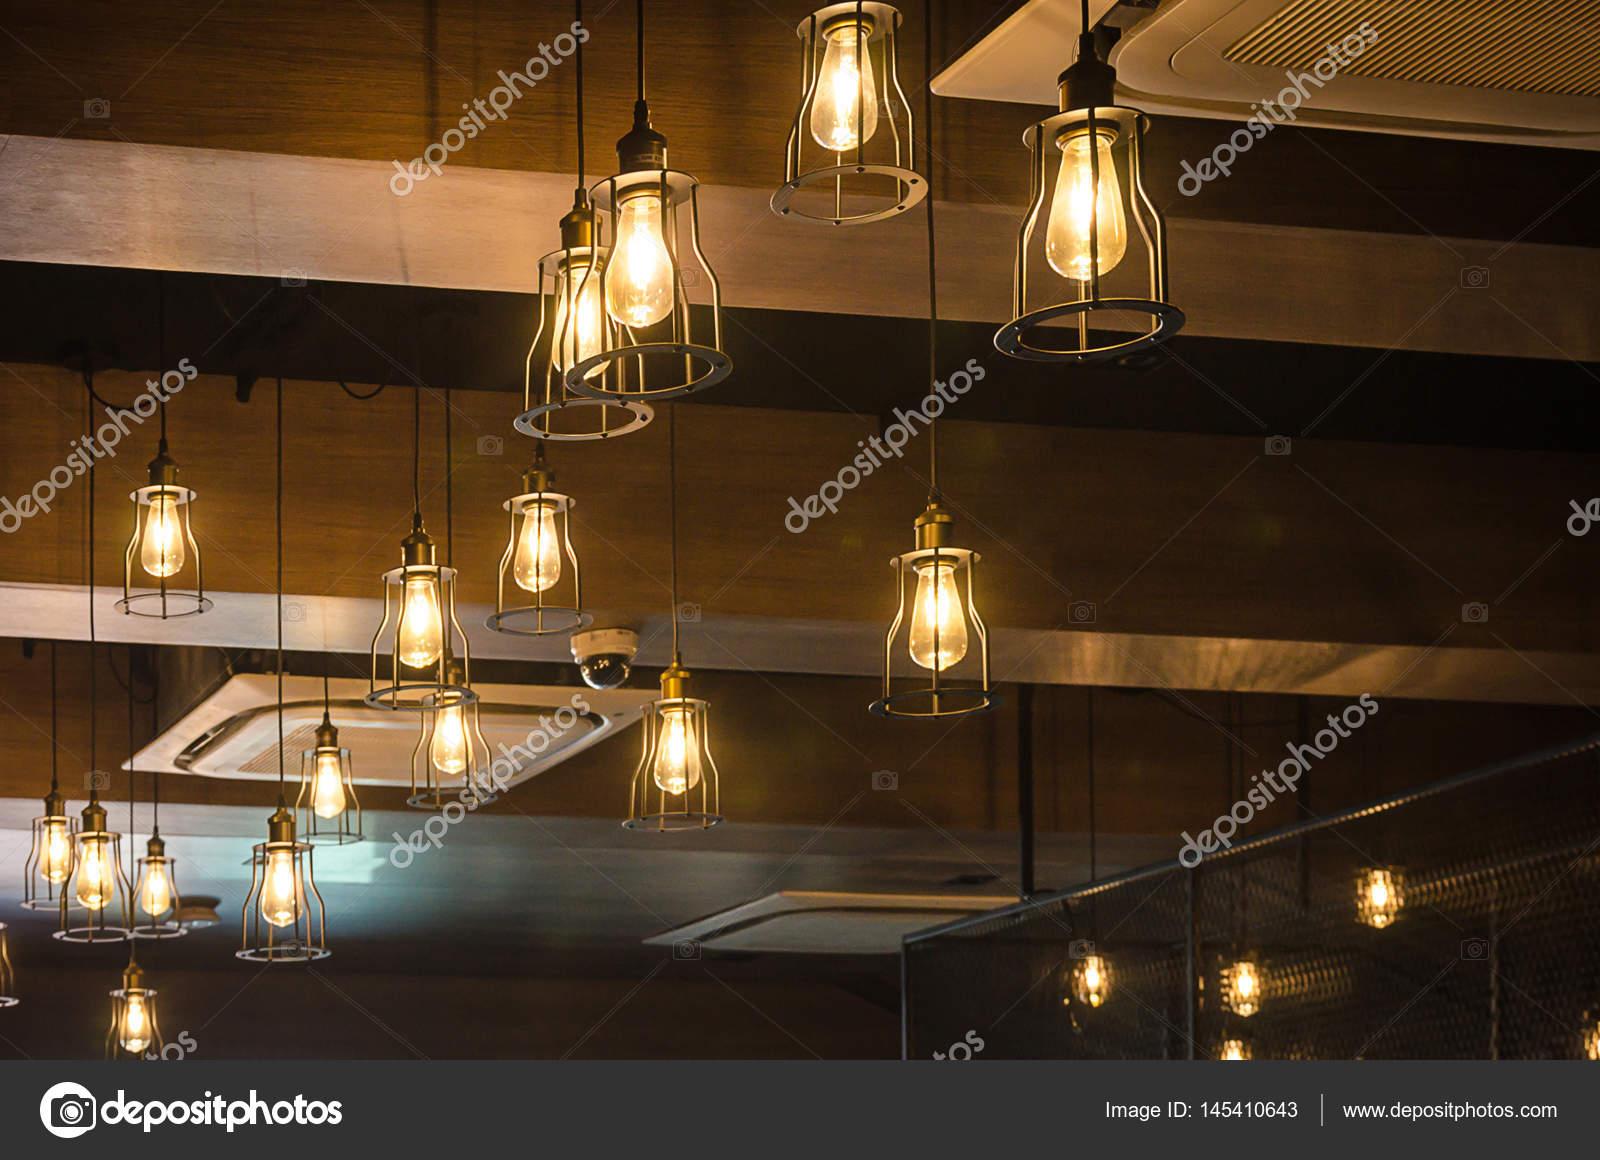 Lampade A Sospensione Vintage : Lampada a sospensione vintage u2014 foto stock © aoo8449 #145410643